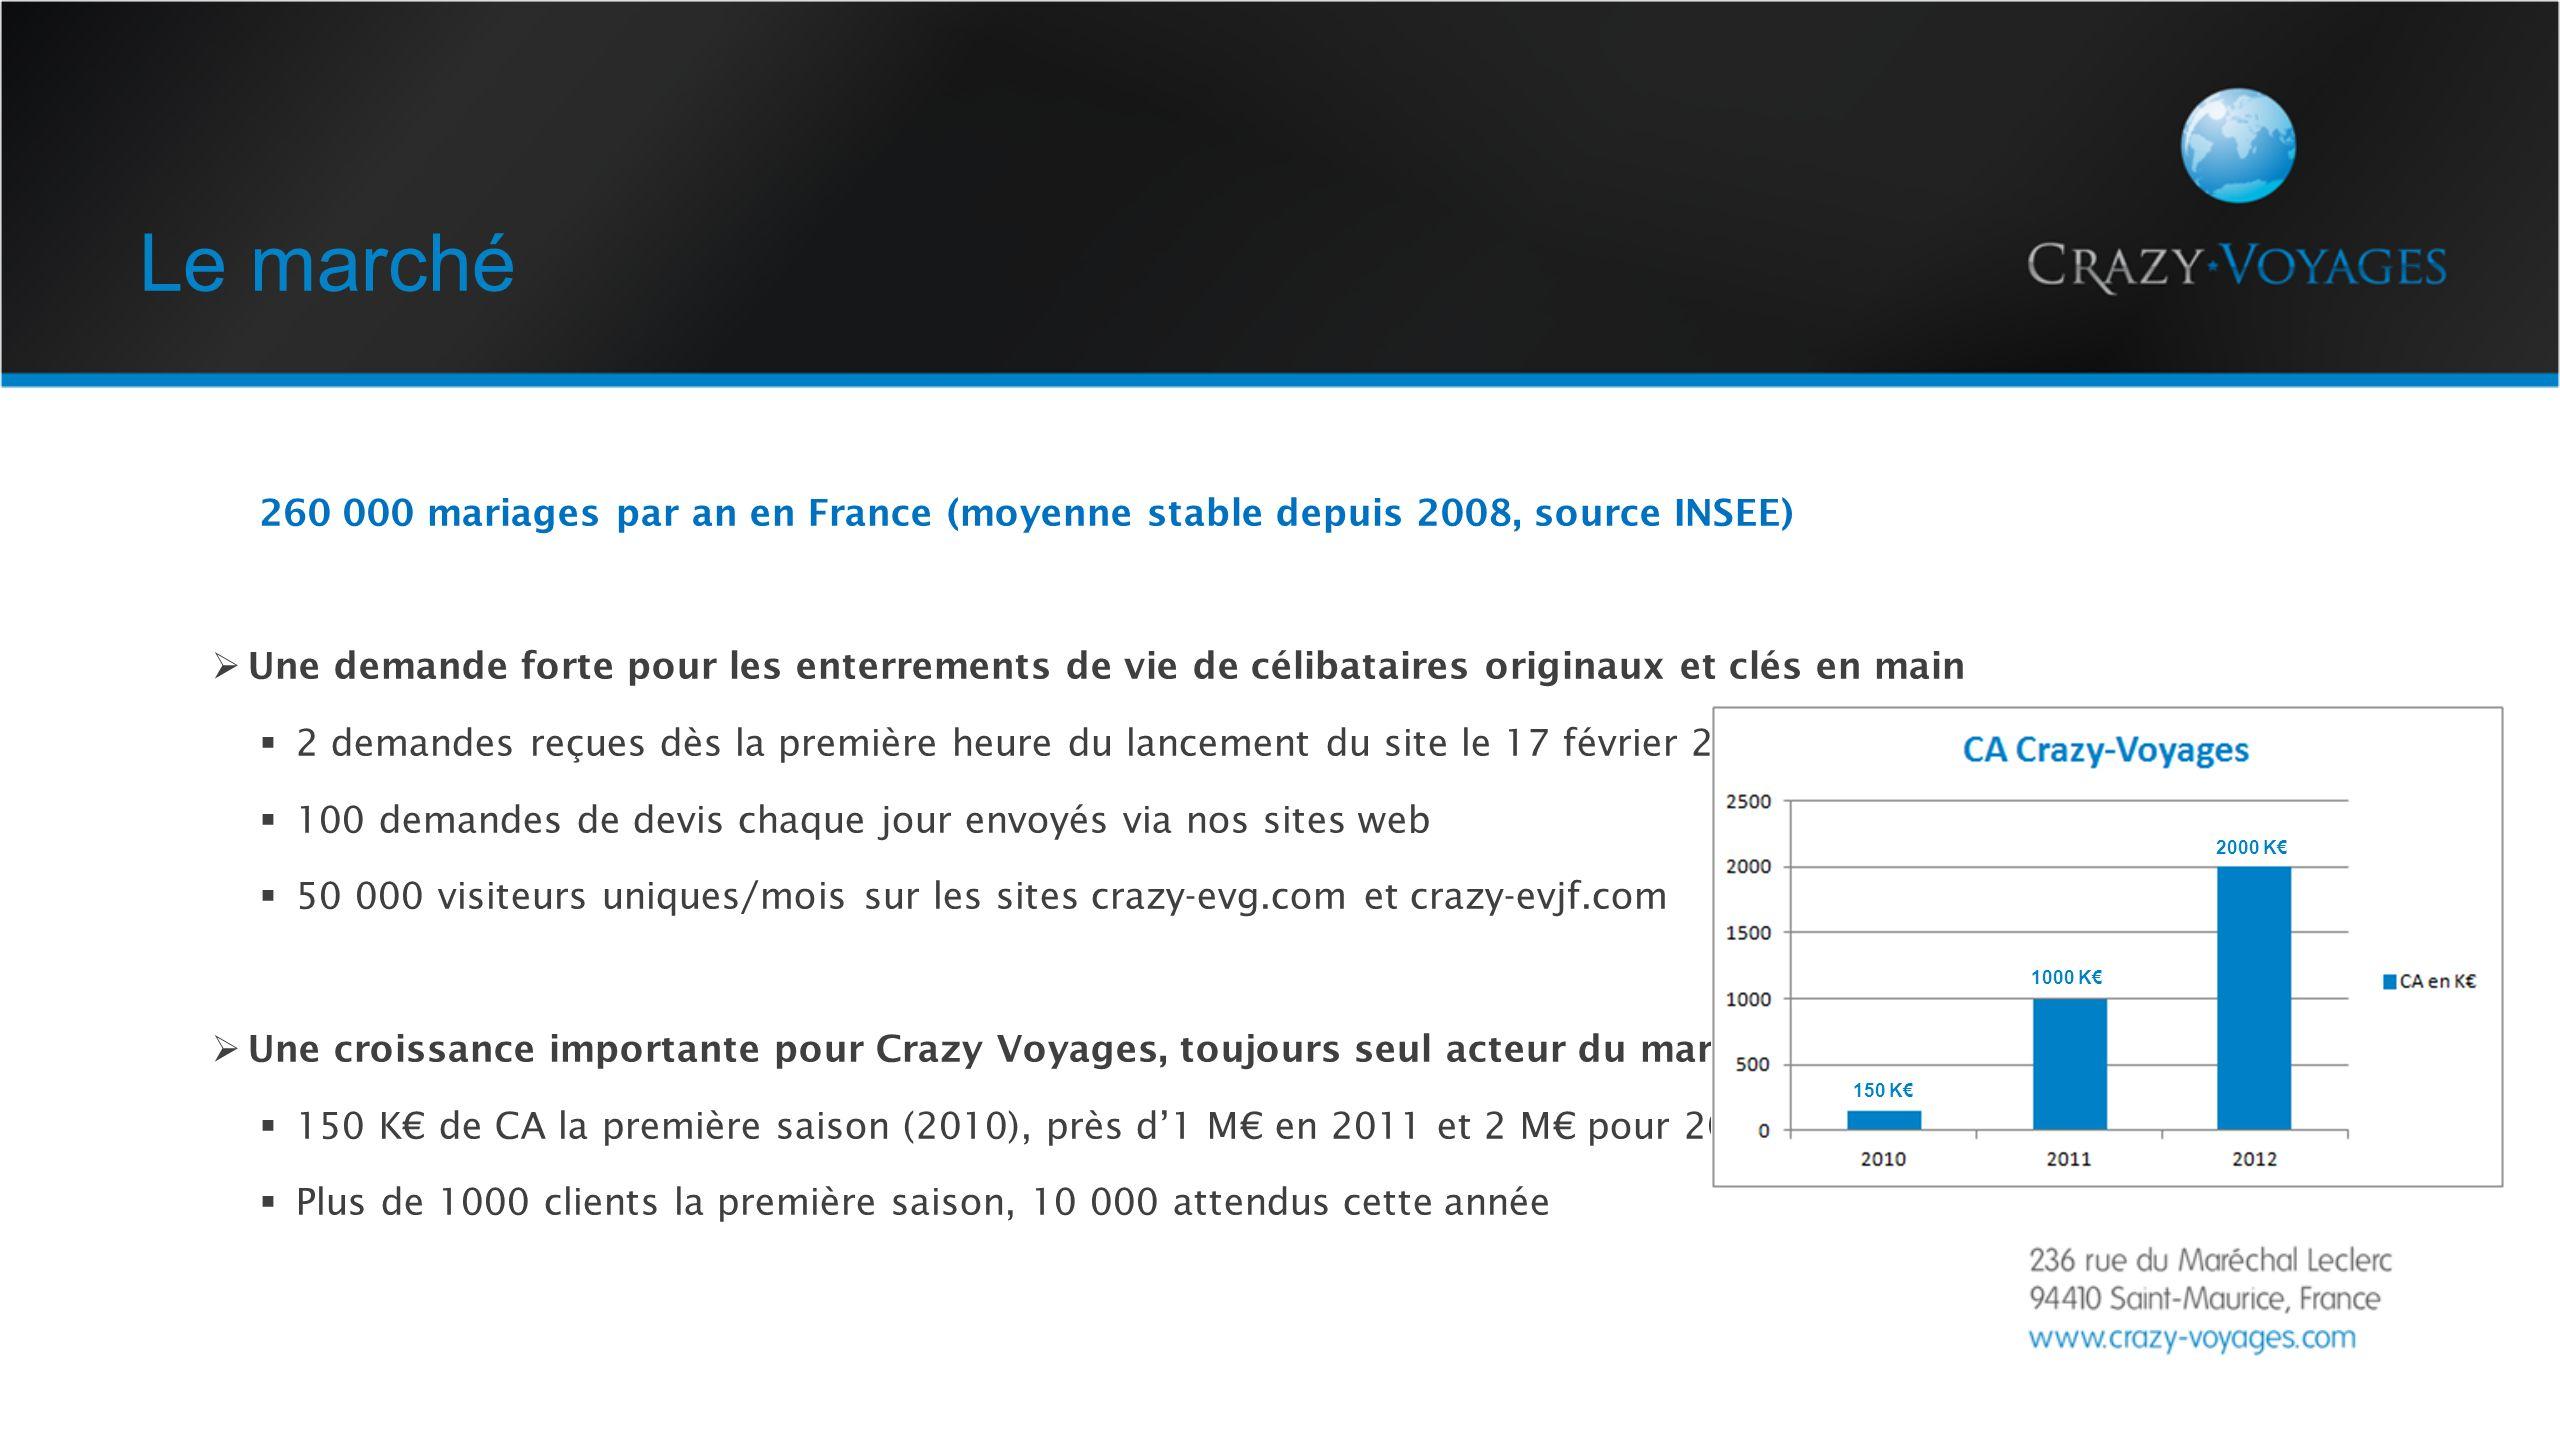 Le marché 260 000 mariages par an en France (moyenne stable depuis 2008, source INSEE) Une demande forte pour les enterrements de vie de célibataires